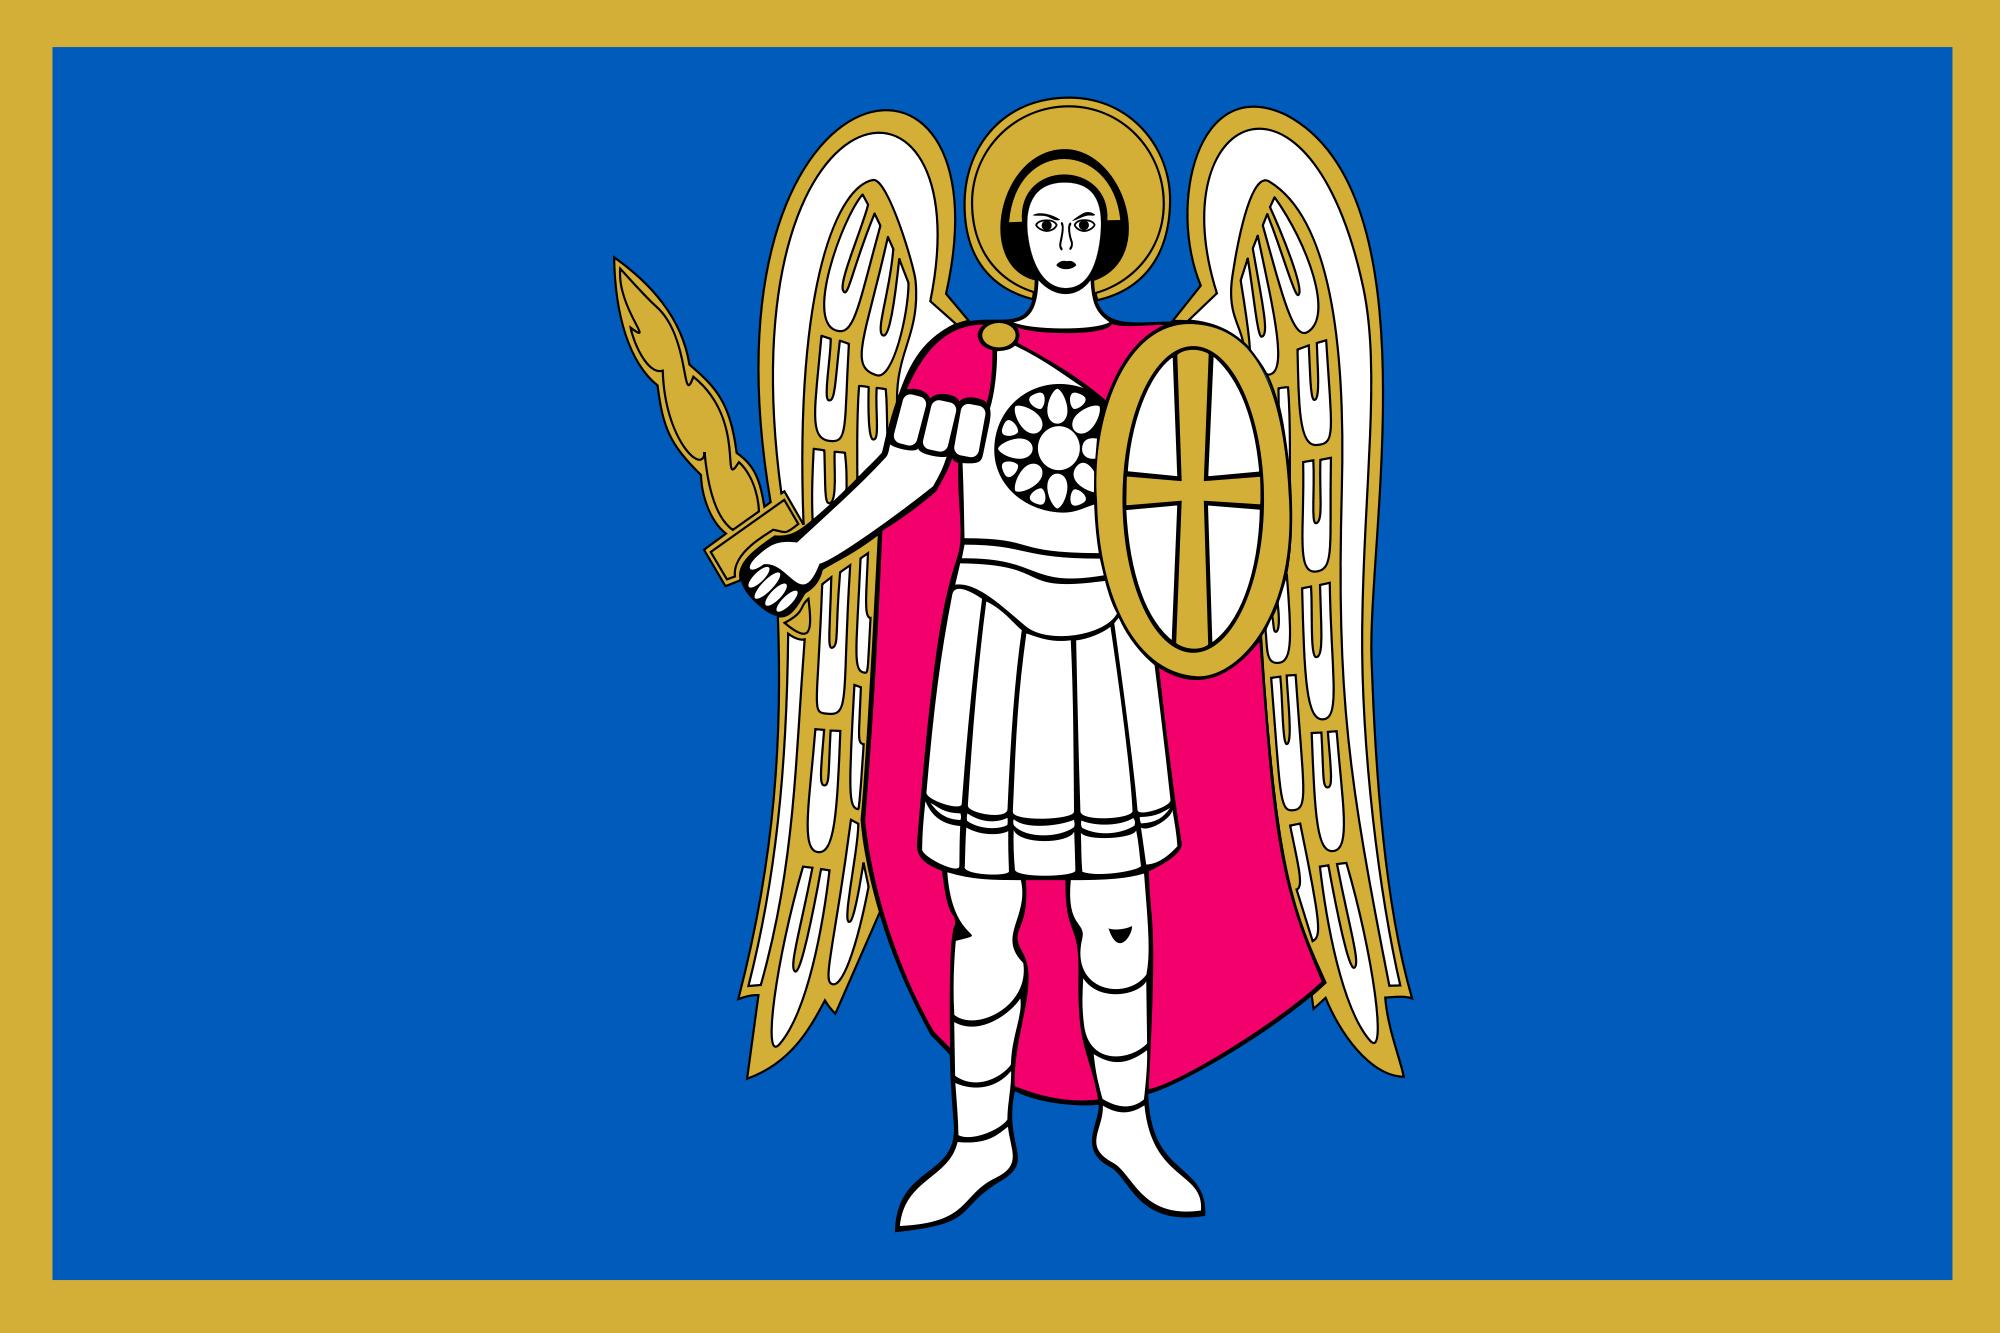 Grb grada (wikipedia)